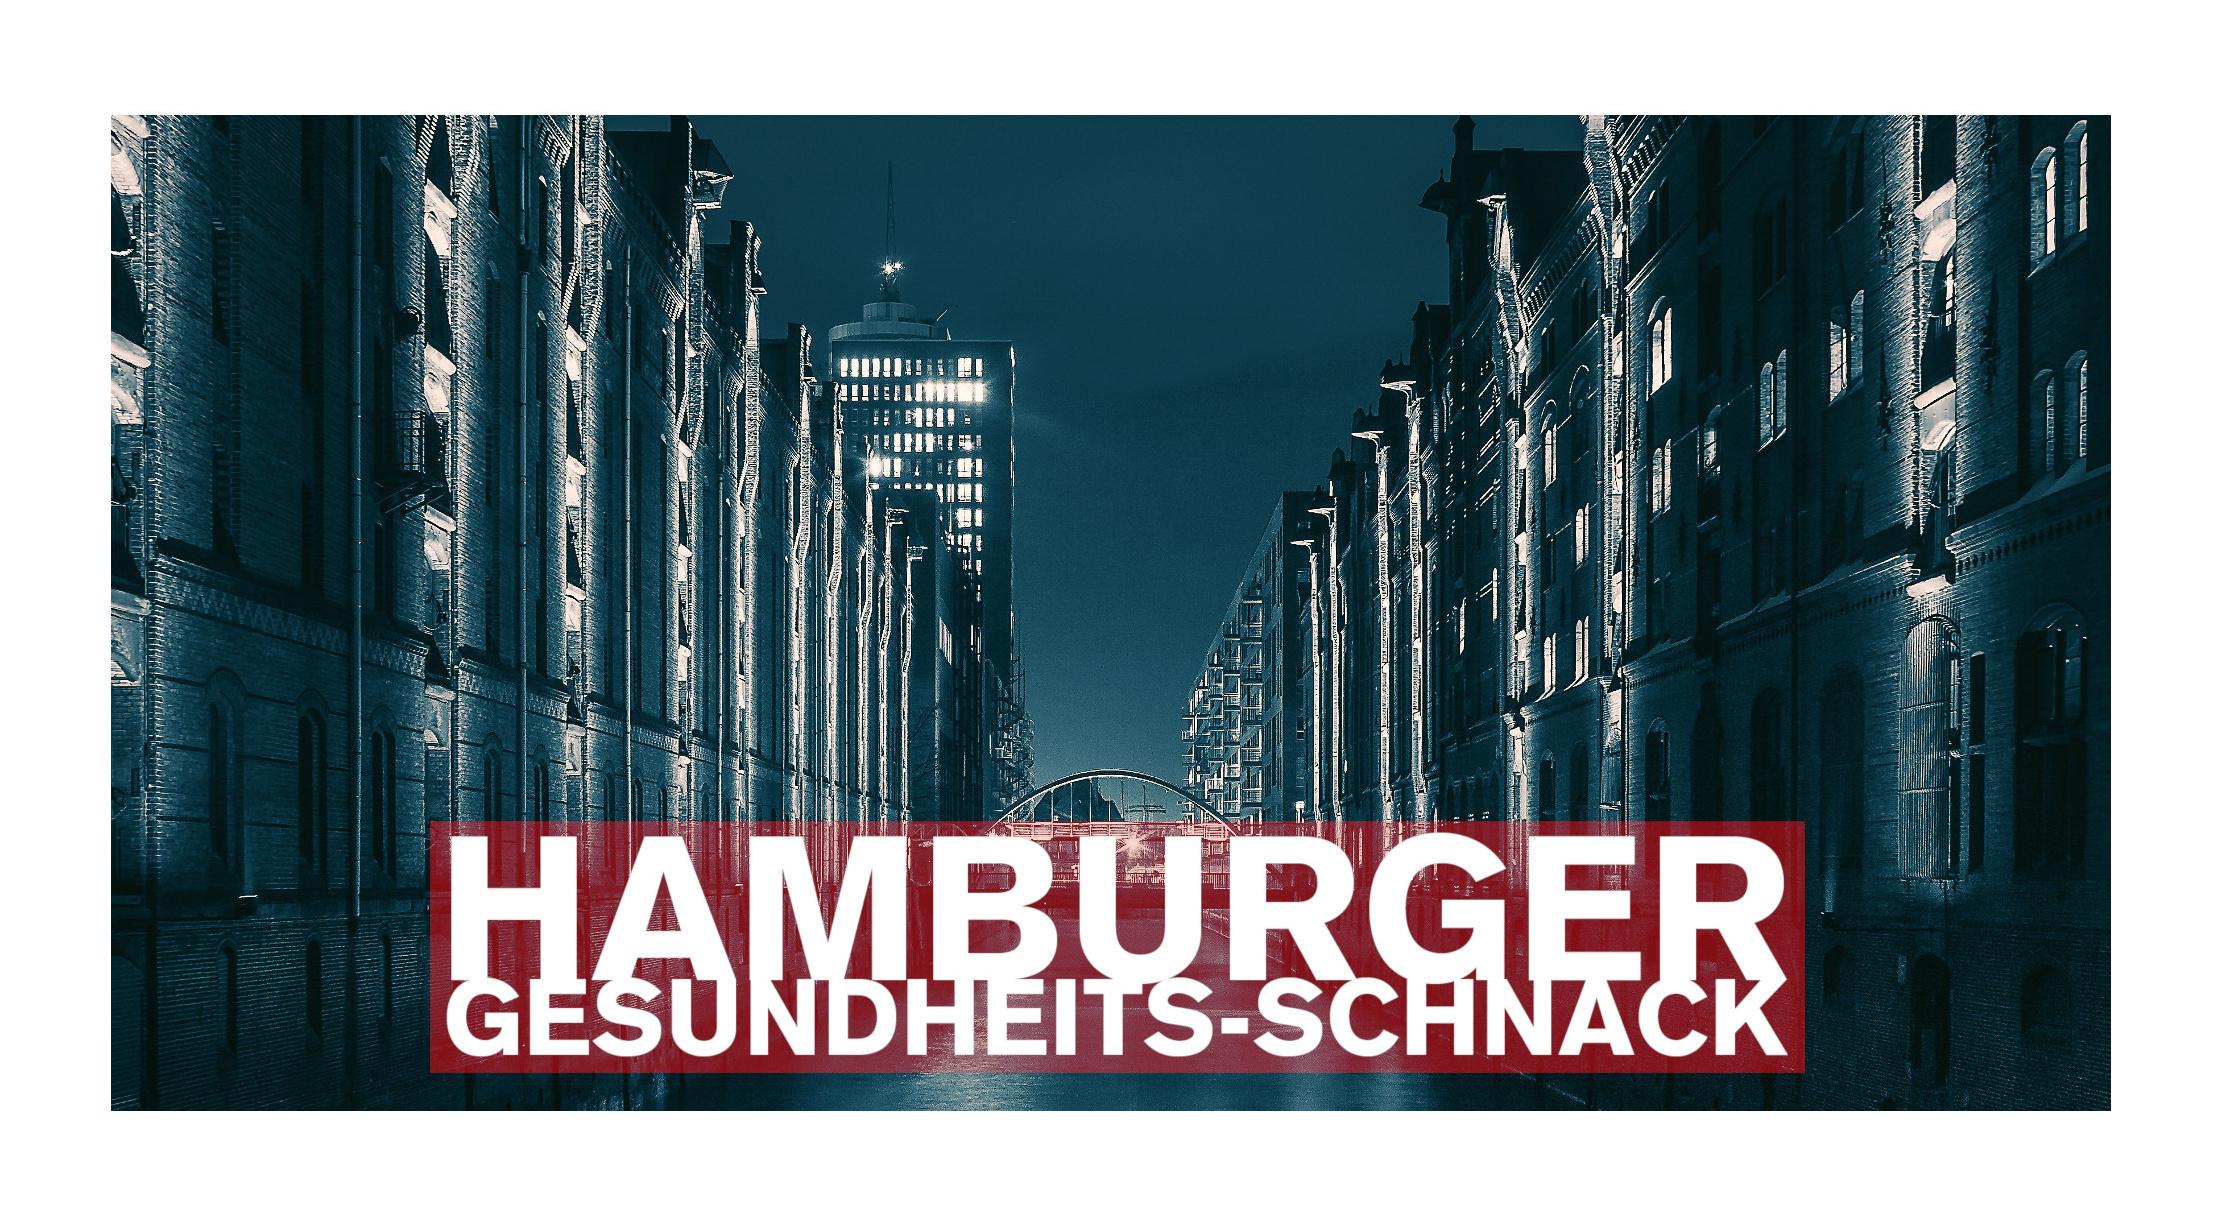 Hamburger Gesundheits-Schnack